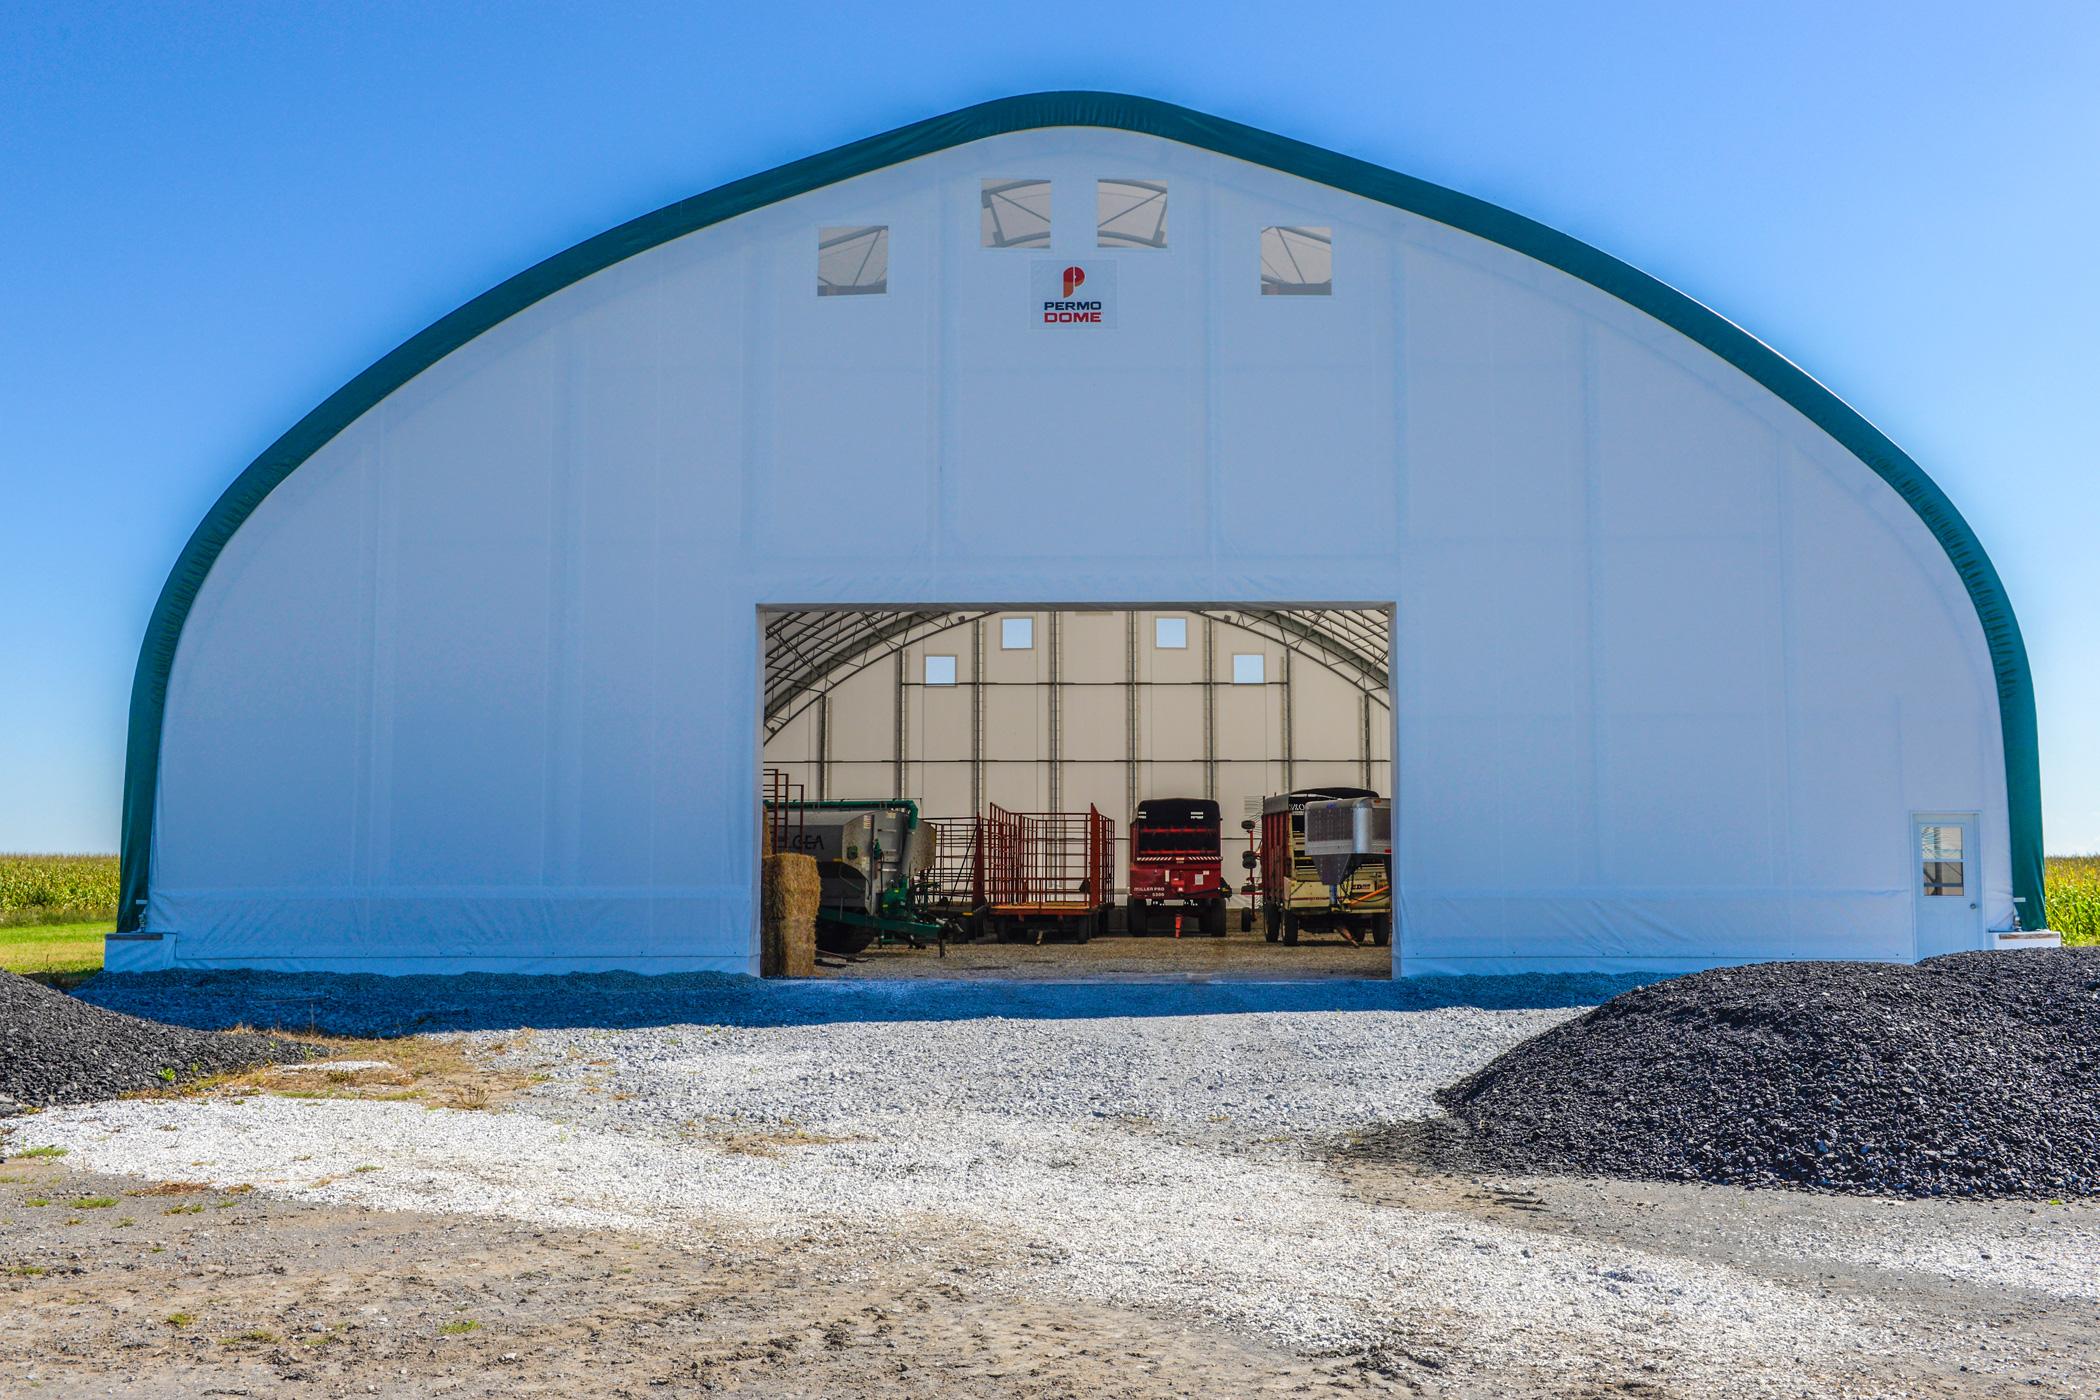 Permodome vert avec de la machinerie agricole à l'intérieur 2